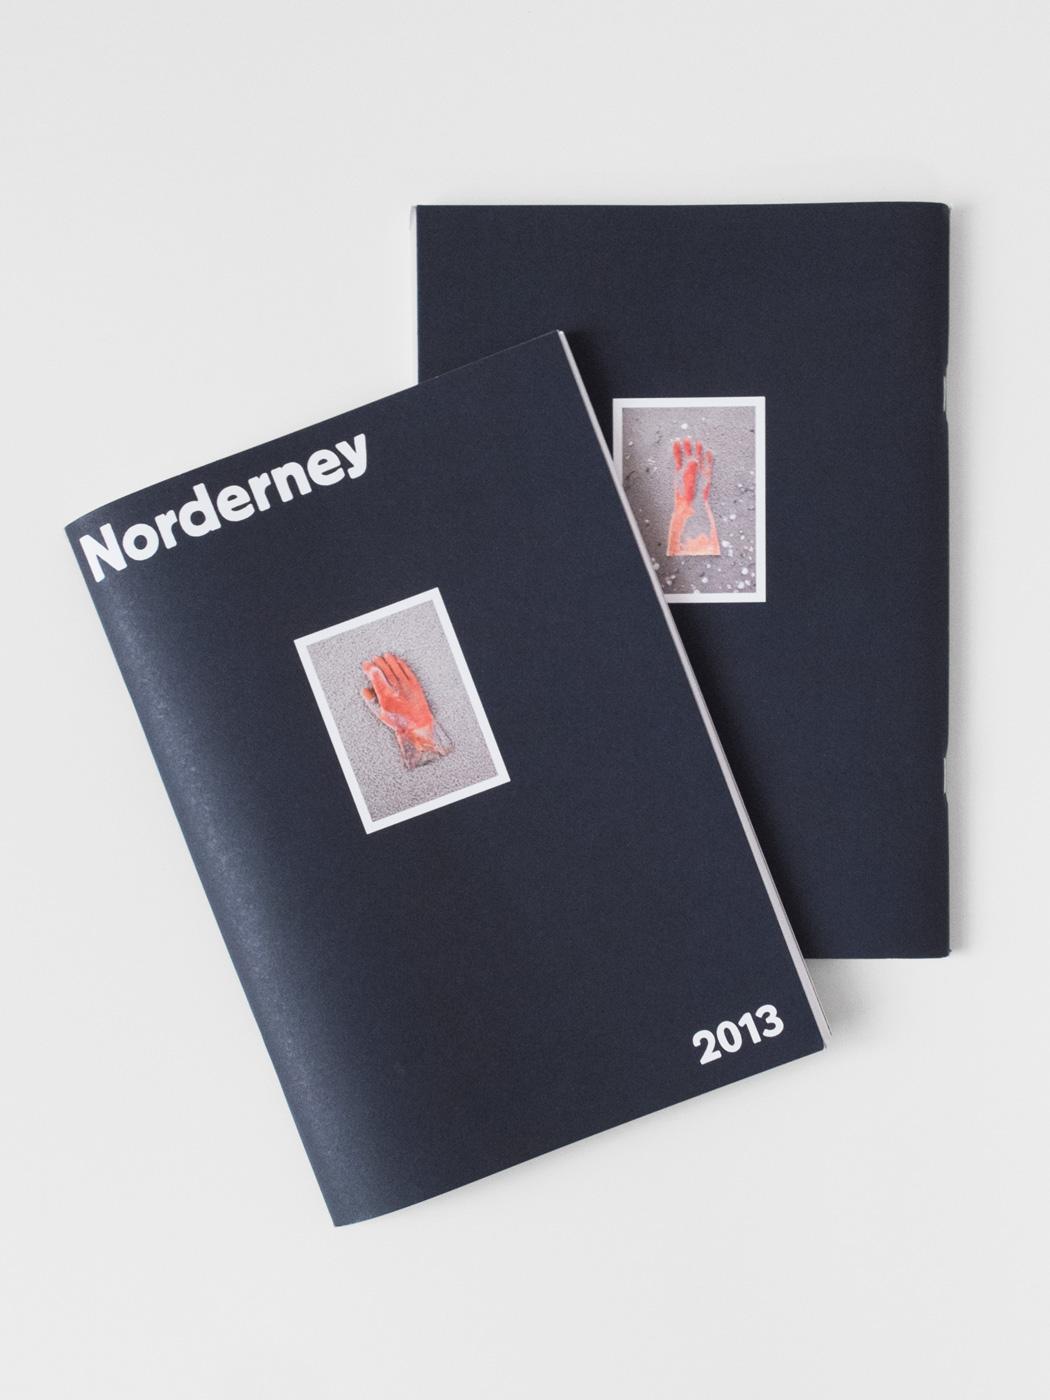 noderney